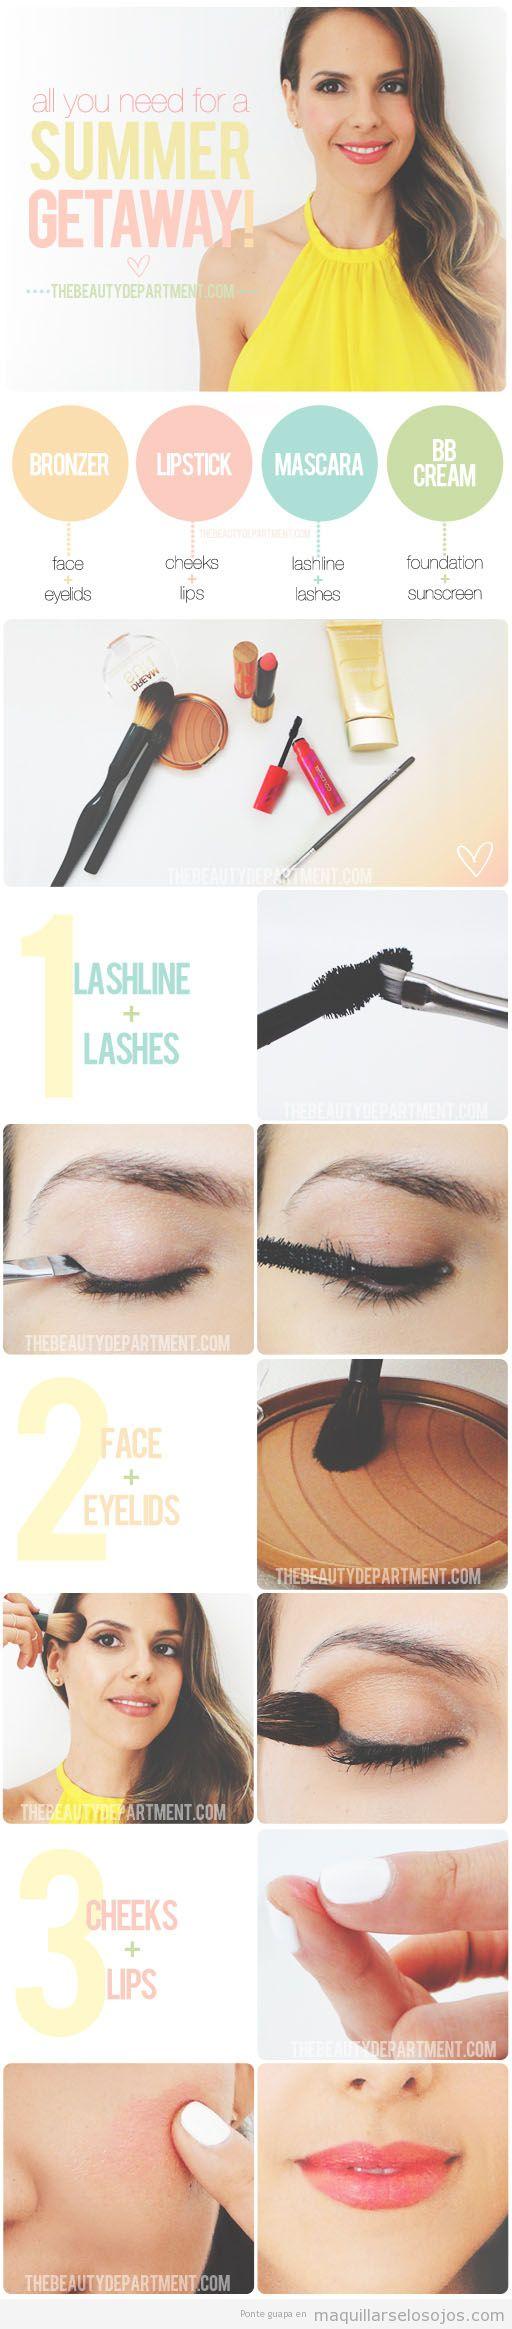 Tutorial para aprender a maquillarse los ojos, la cara y los labios para verano 2013